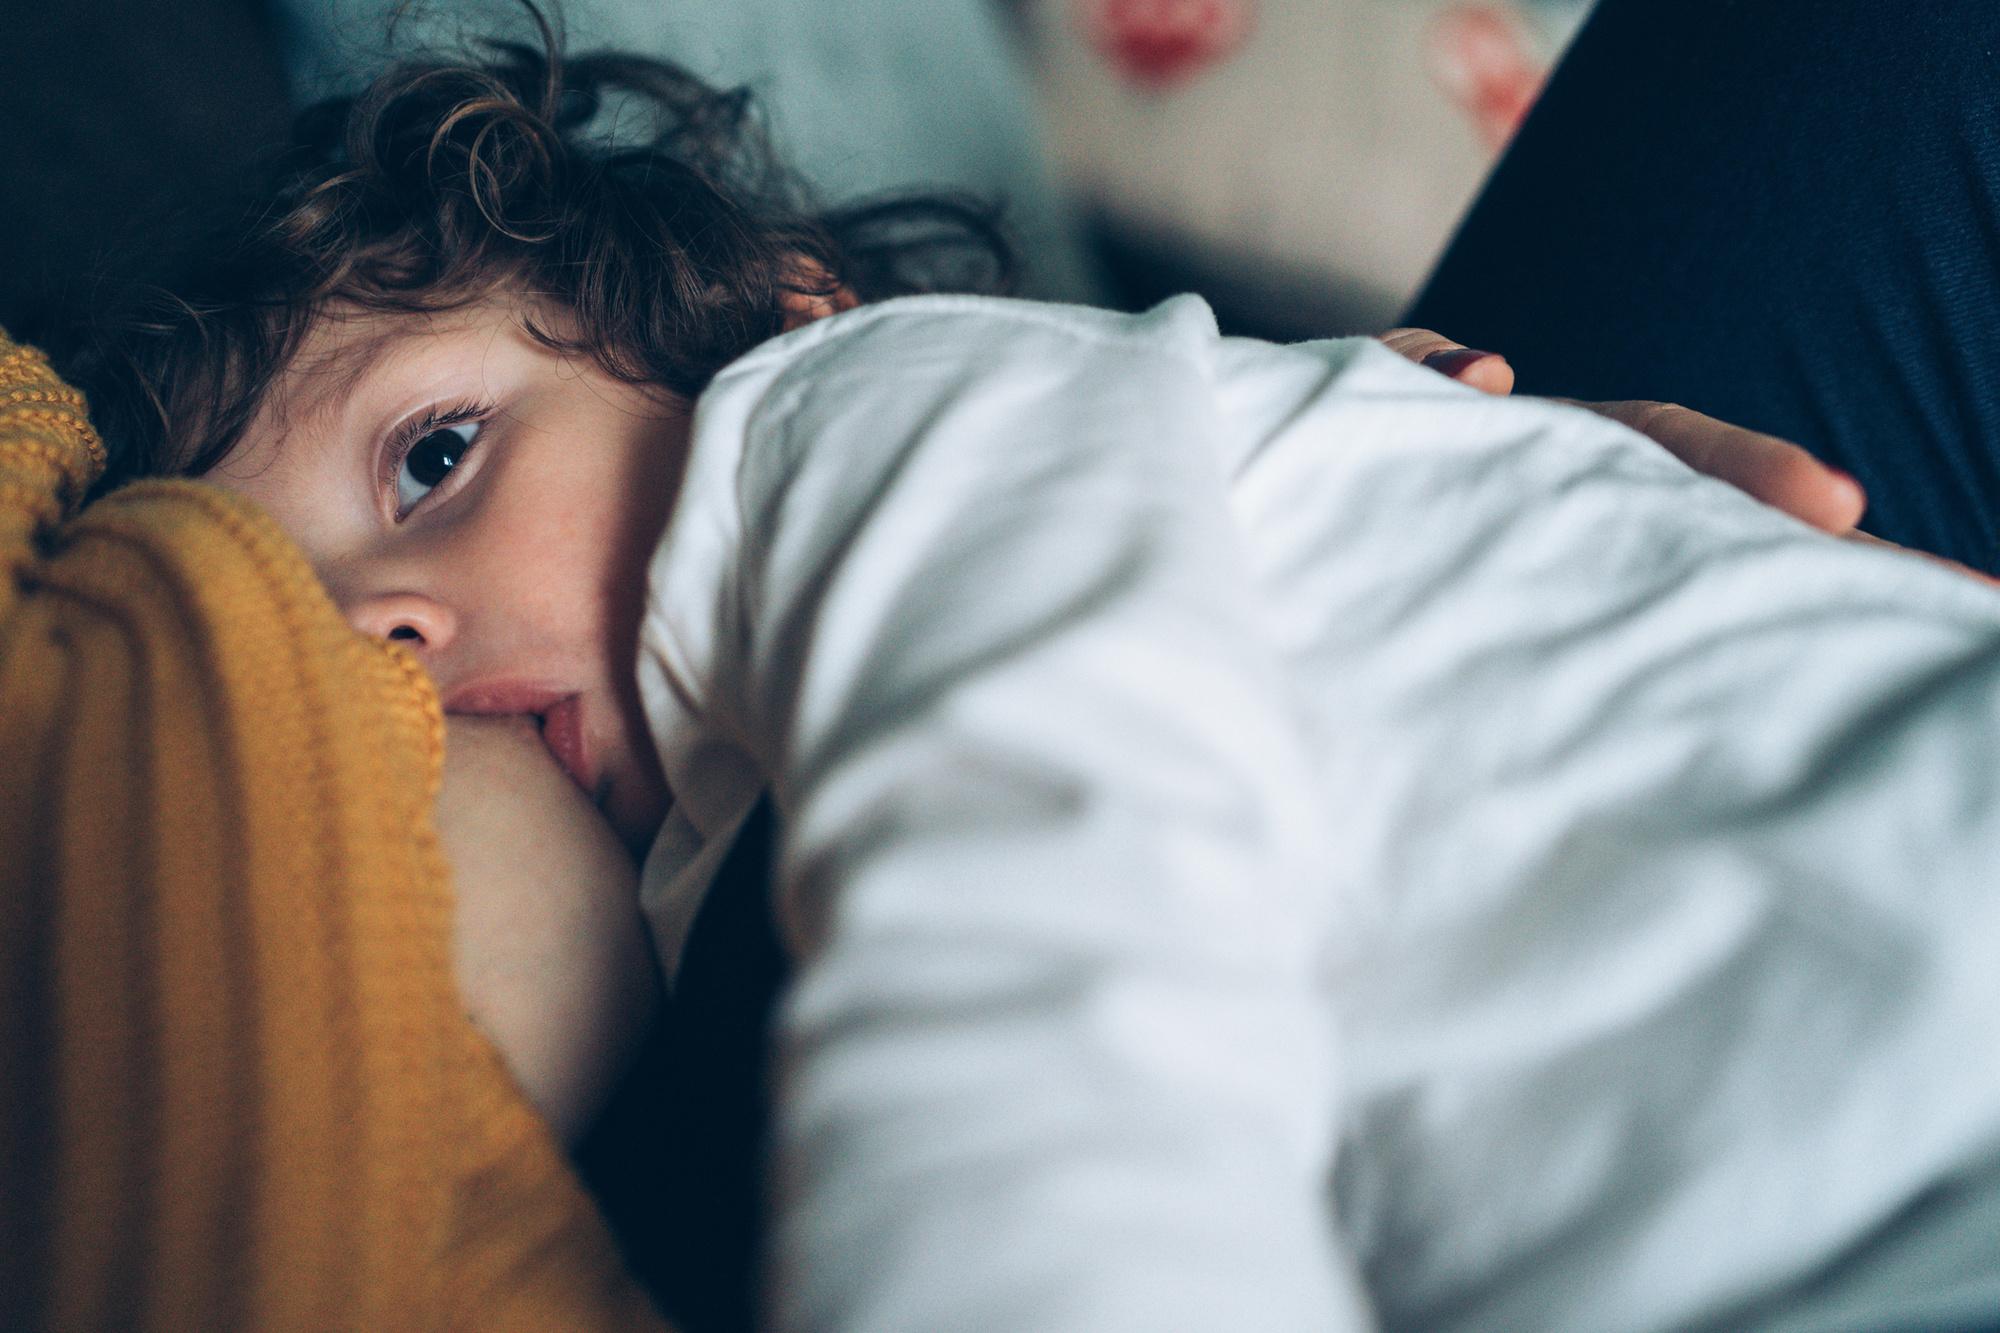 De aanbeveling van de WHO: minstens twee jaar borstvoeding geven, daarna zolang doorgaan als moeder en kind willen. , Getty